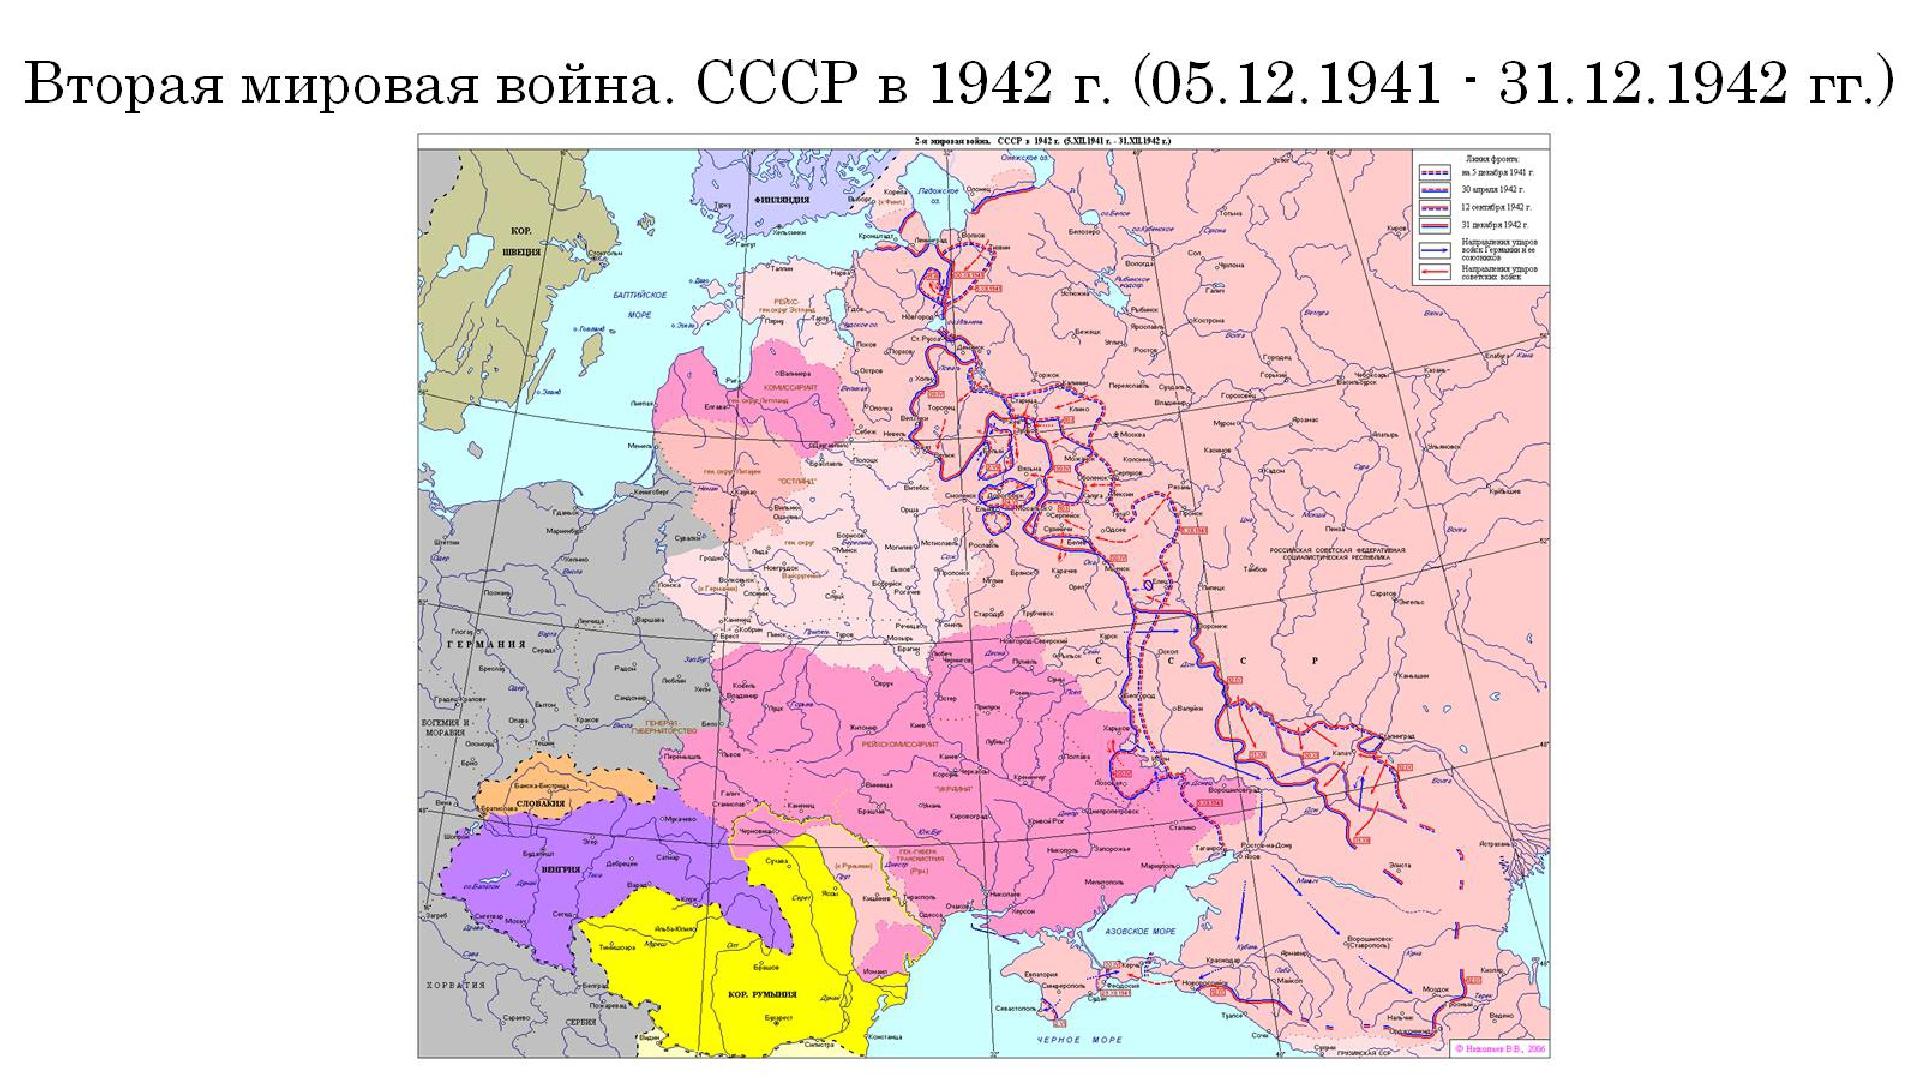 Вторая мировая война. СССР в 1942 г. (05.12.1941 - 31.12.1942 гг.)